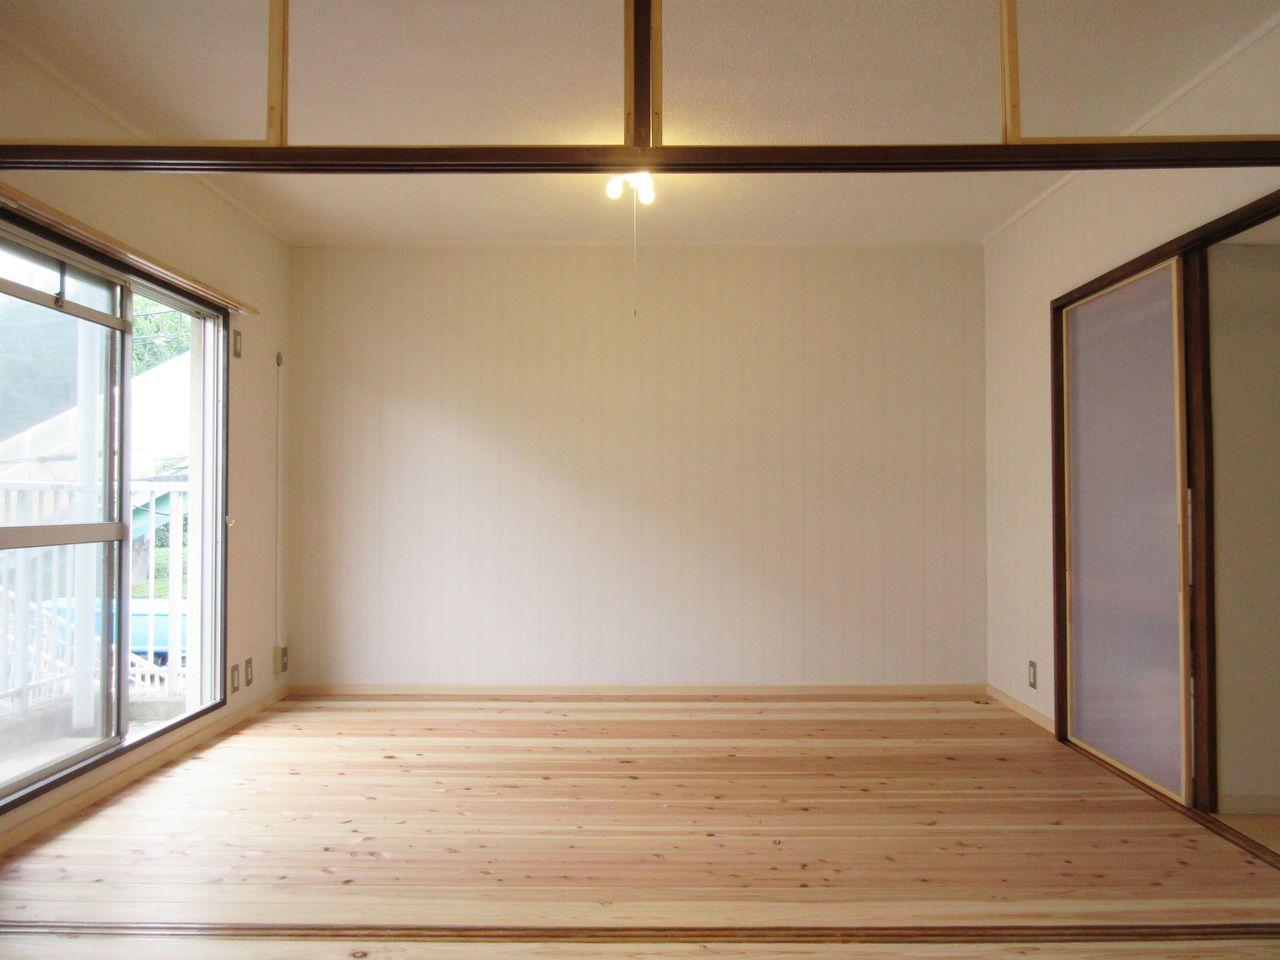 みなさまこんにちは。『DIY賃貸予定部屋の工事レポート~Vol.18~』の続きです。前回は募集条件の特徴を紹介しました。今回は室内空間について紹介していきます。